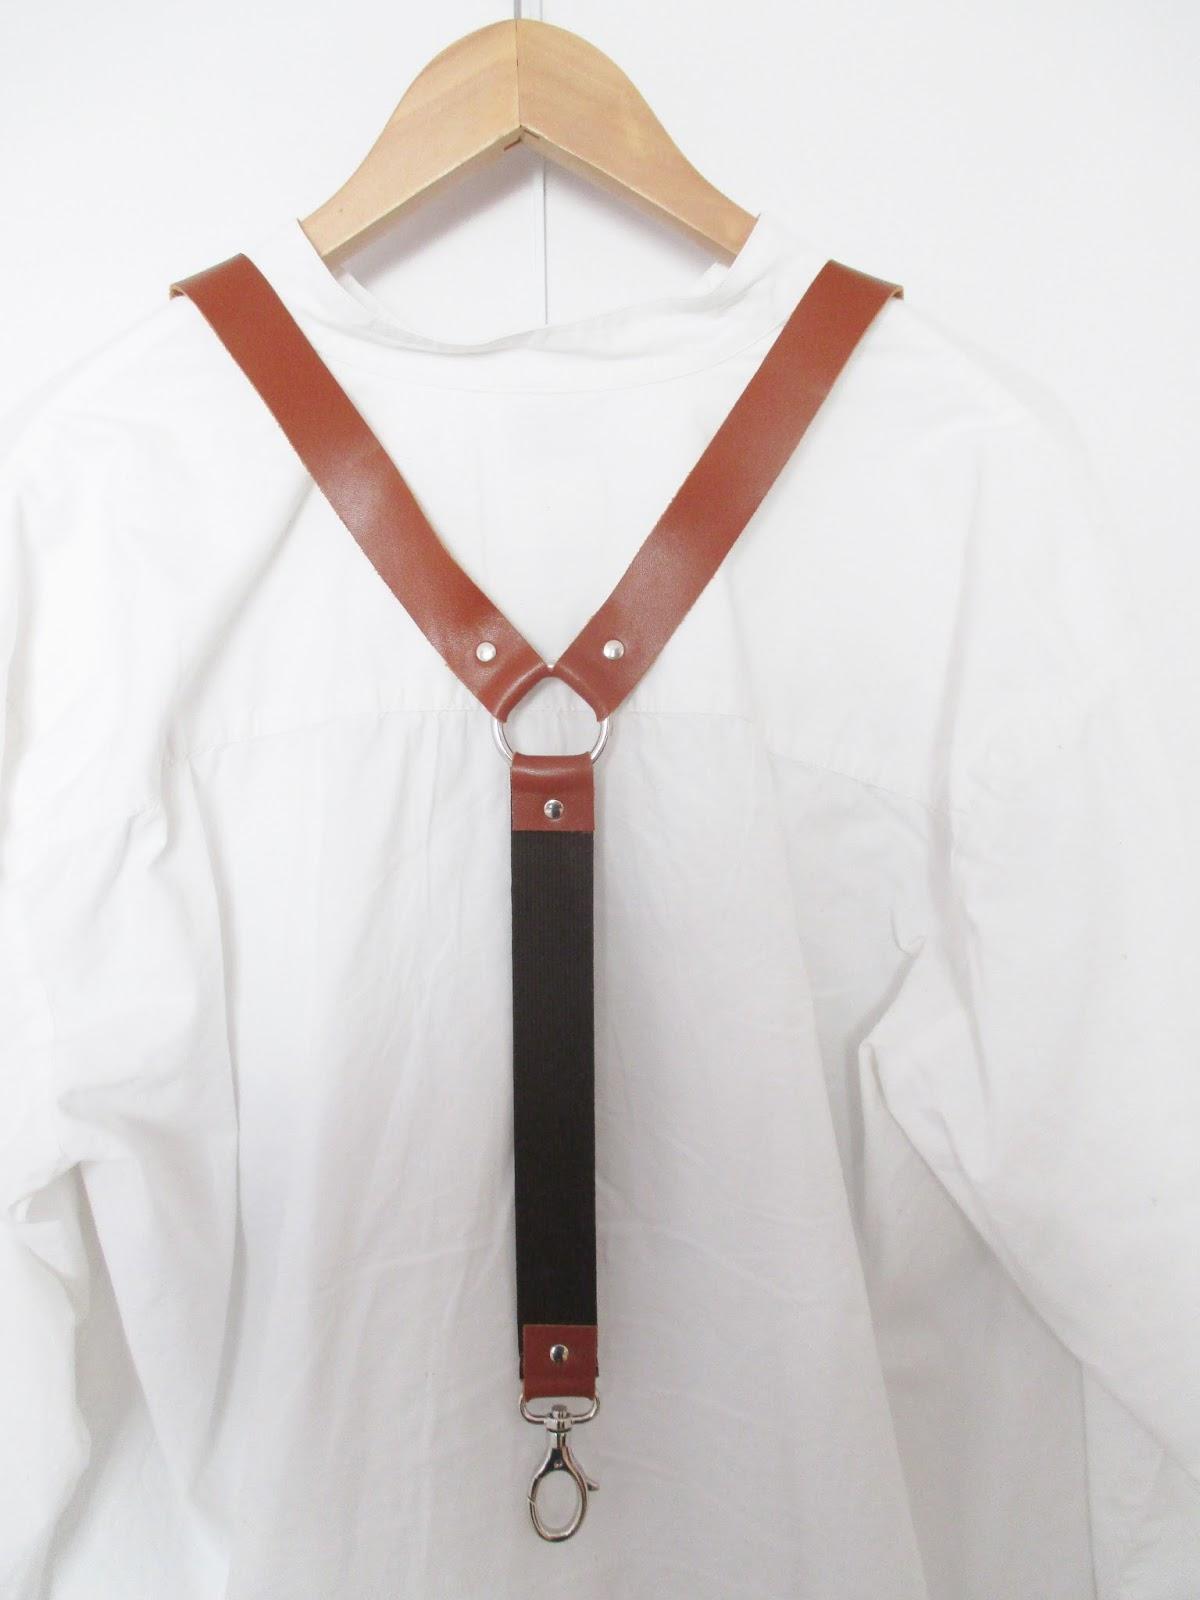 marques reconnues vendu dans le monde entier collection de remise Les Bretelles en cuir de Gaston: Gaston innove avec les ...